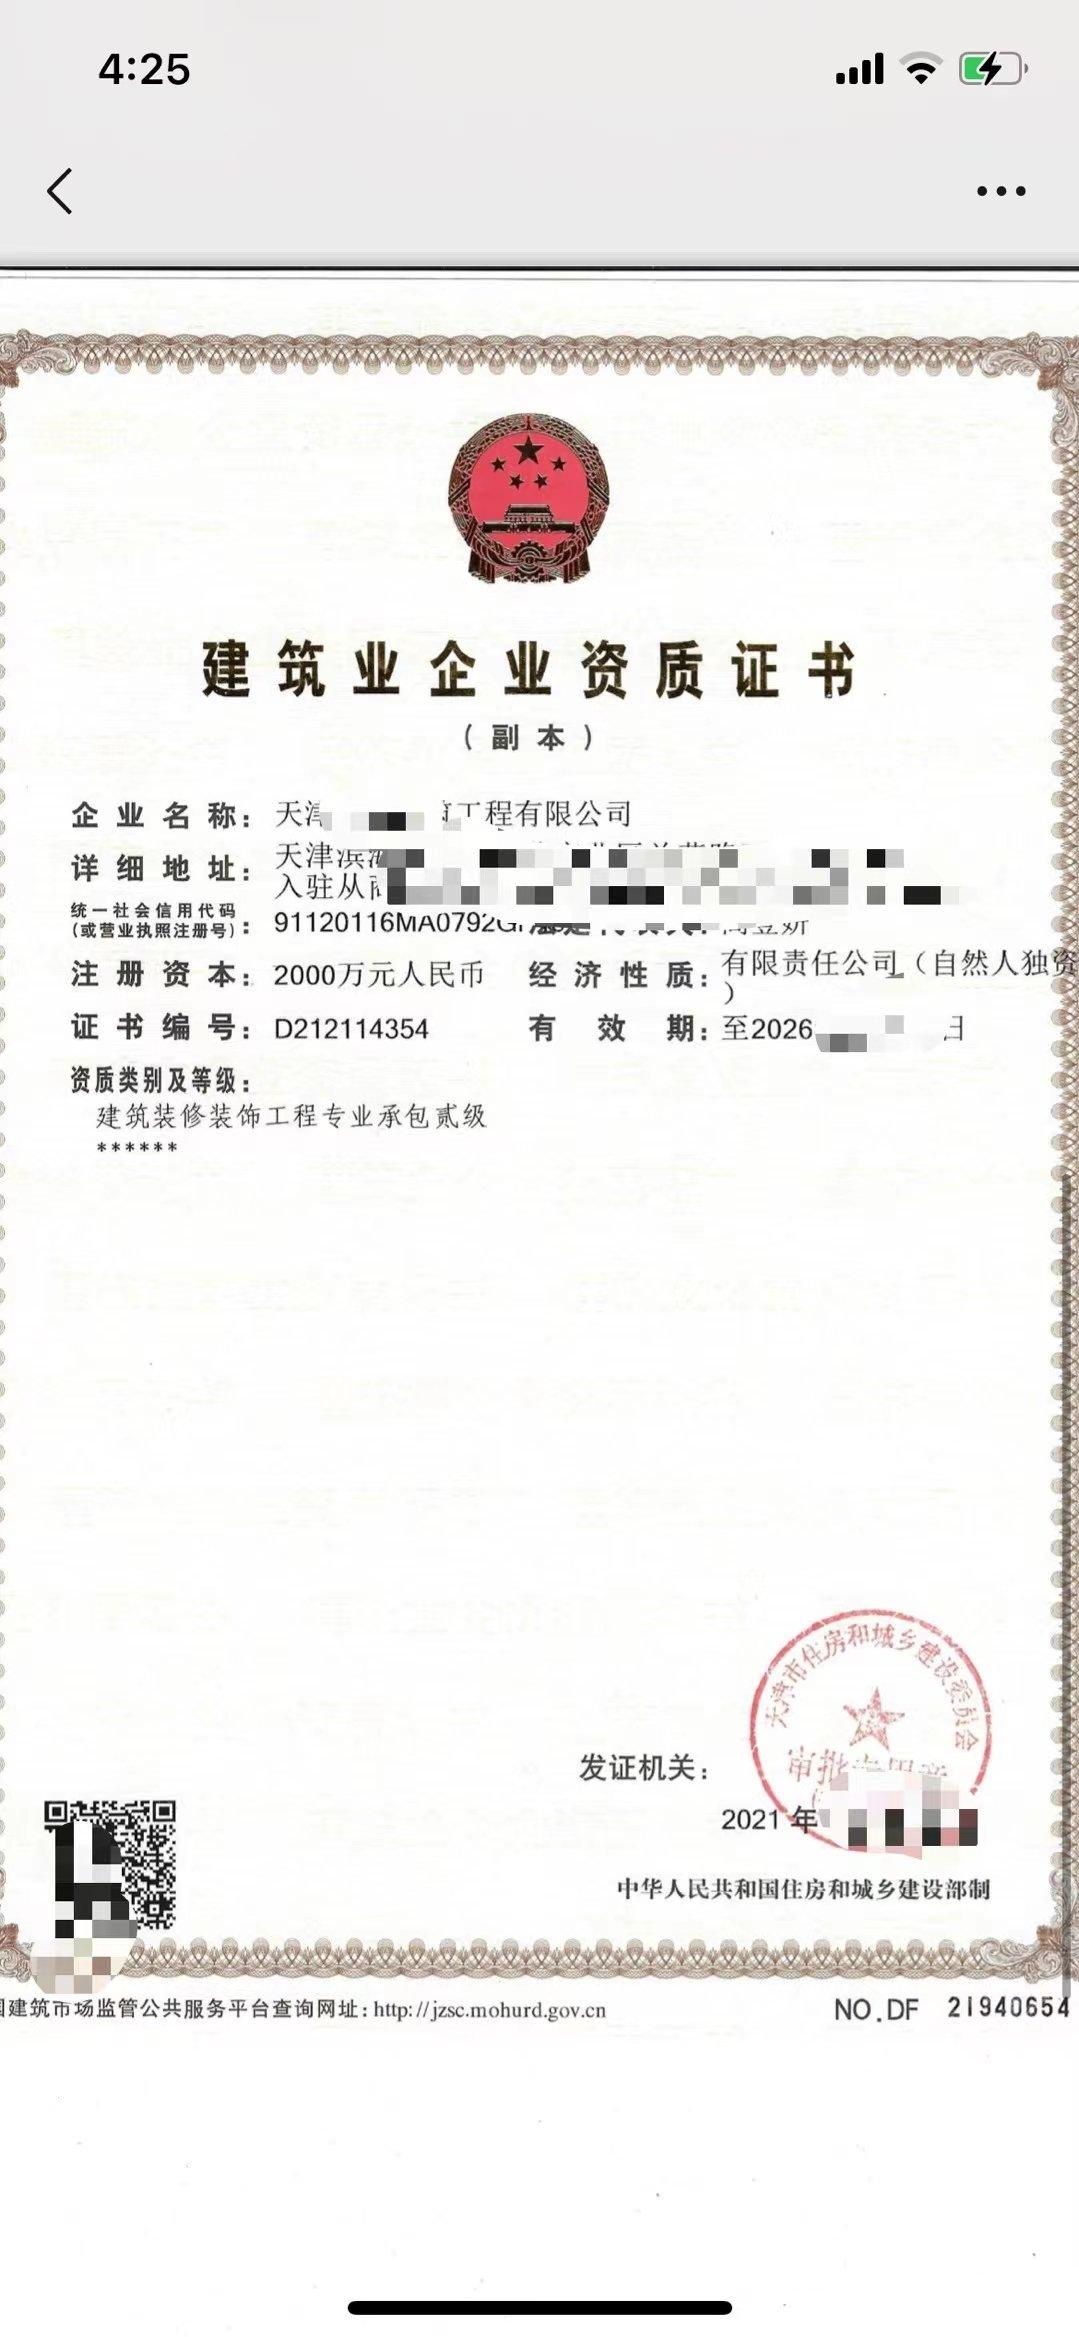 大熊筹划透露重磅天津资质改革最新消息,7月以后这些新规一定要知道